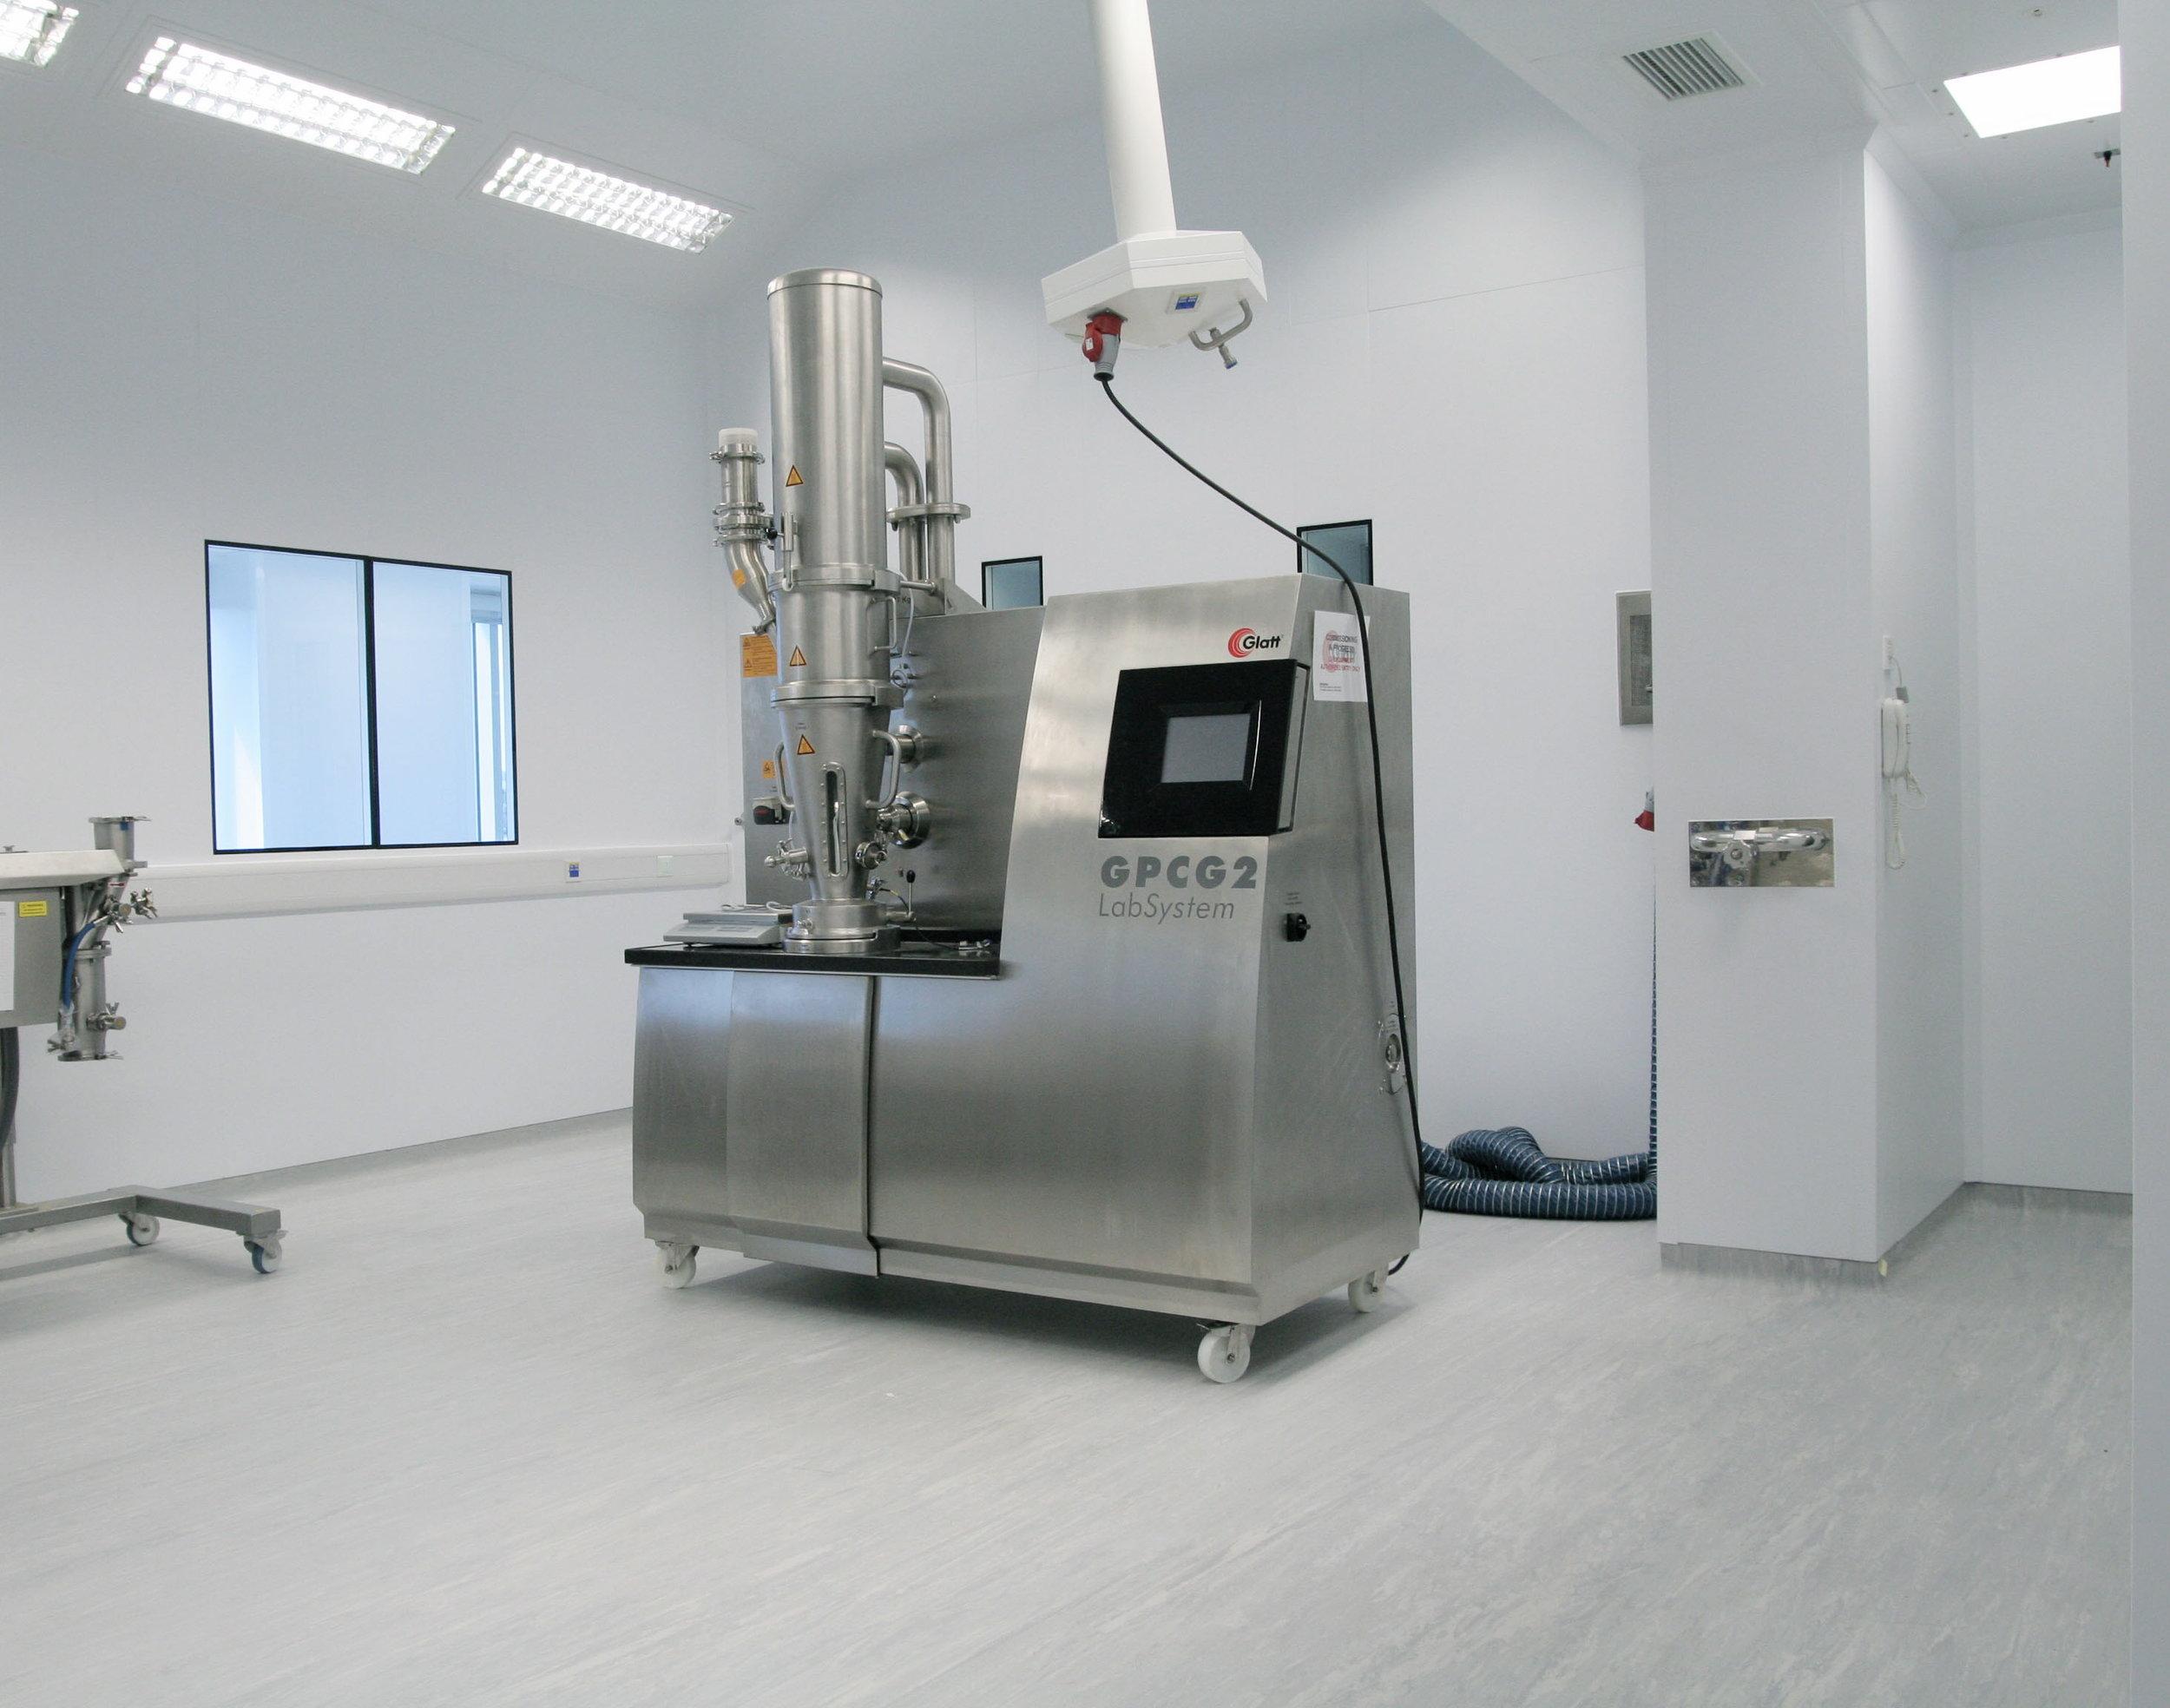 AstraZeneca - Cleanroom